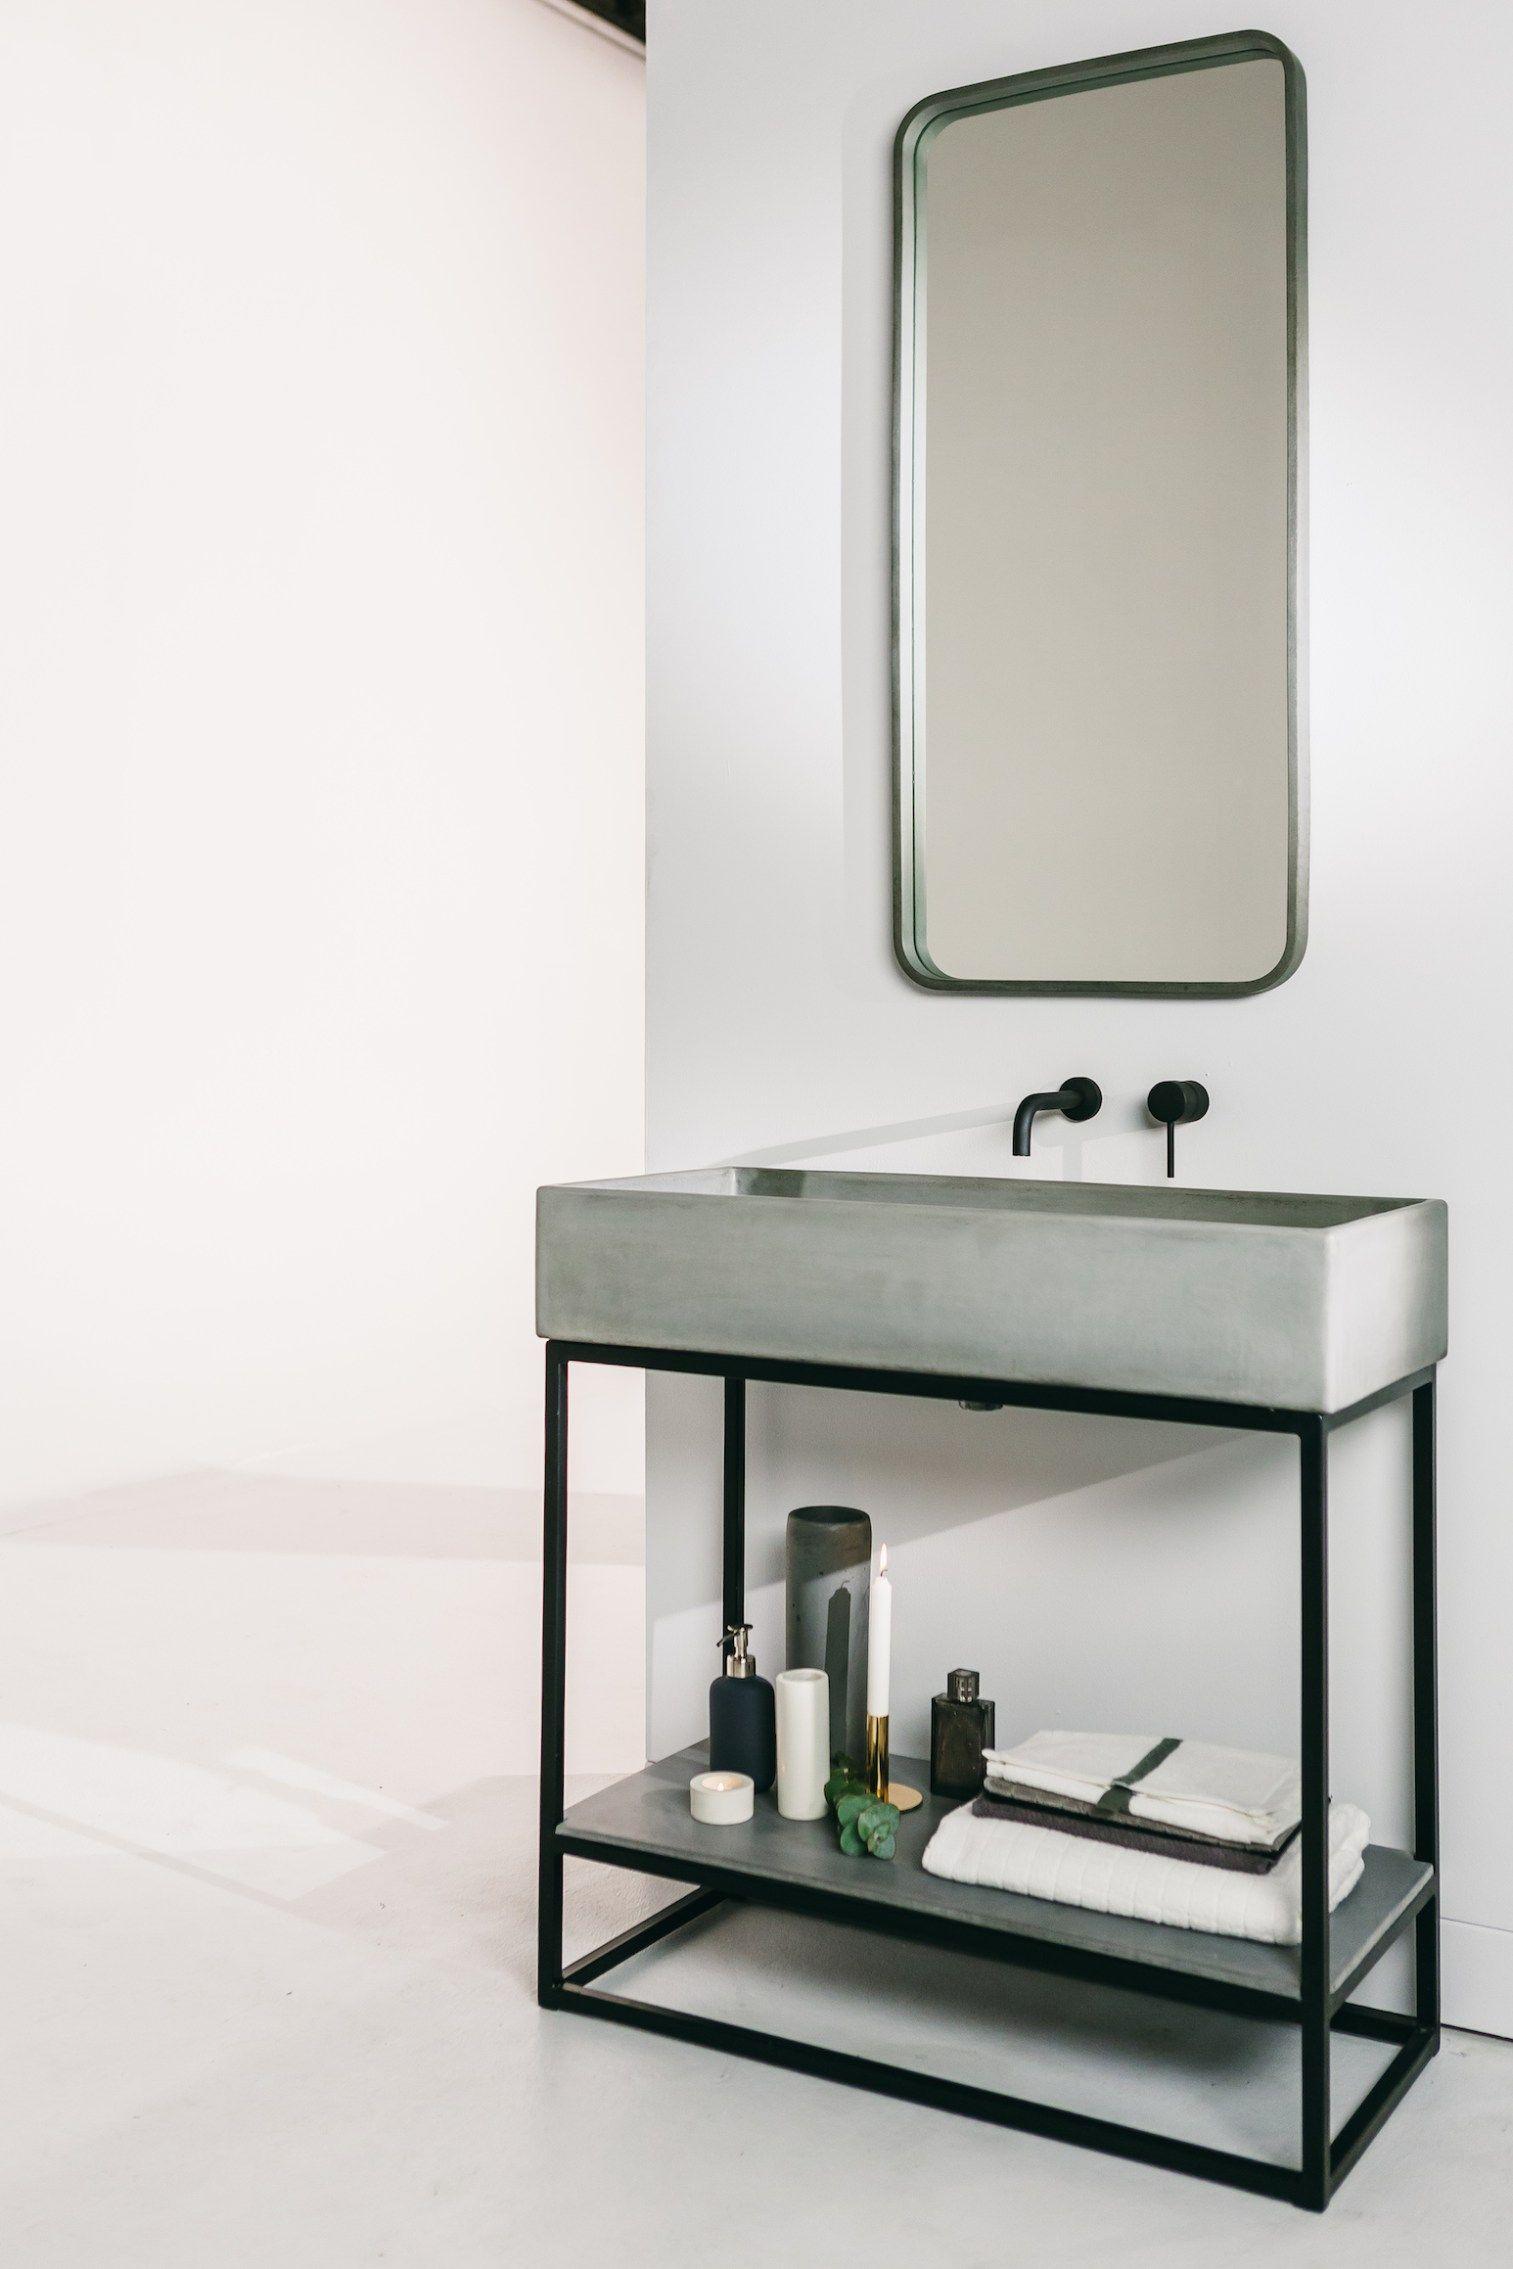 Lavabo design cemento - complementi d\'arredo bagno - Nood Co ...